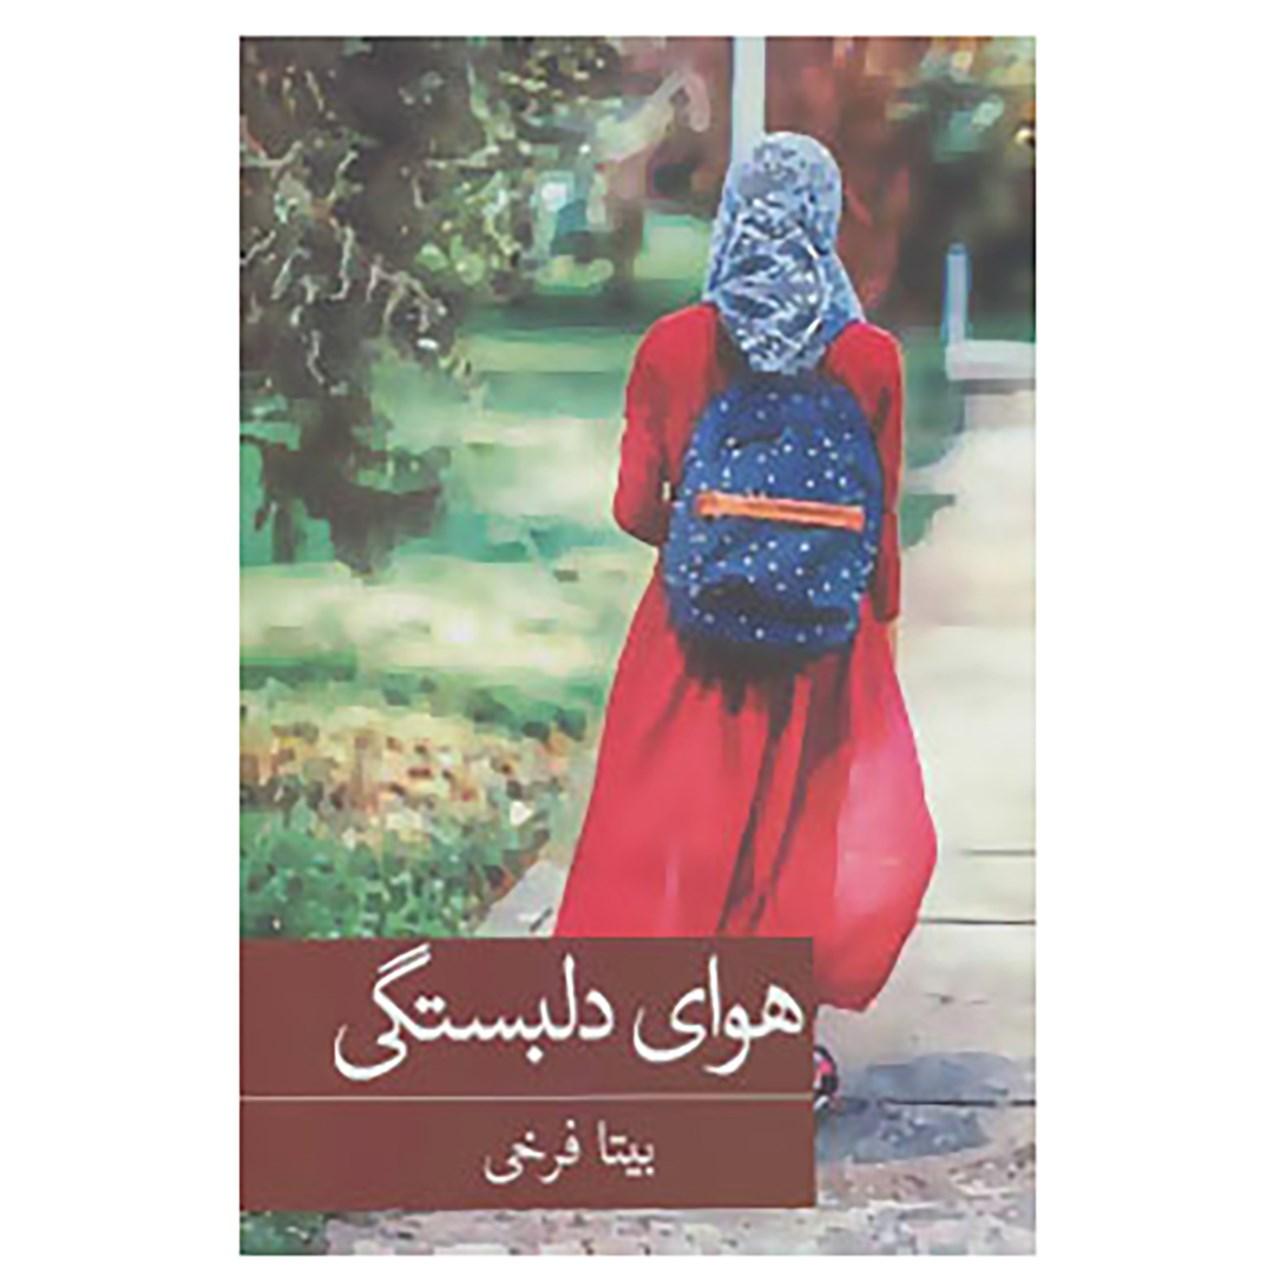 کتاب رمان ایرانی27 اثر بیتا فرخی